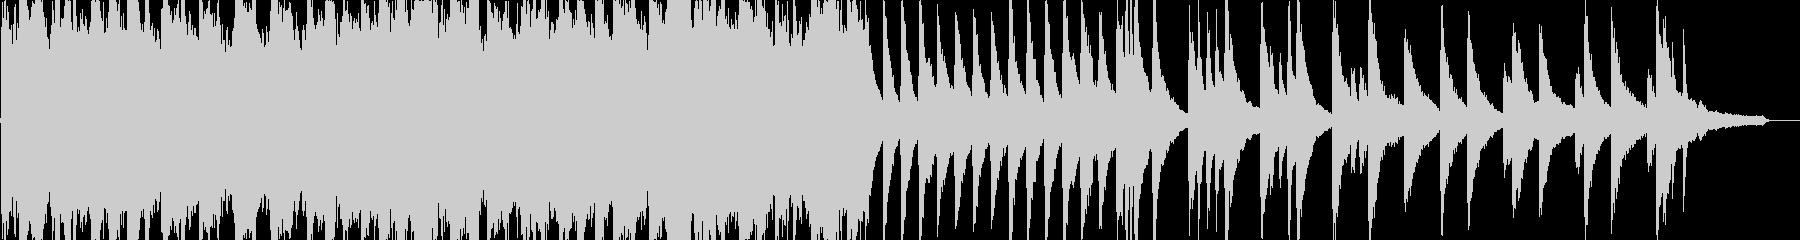 ピアノオーケストラの悲しいバラードの未再生の波形